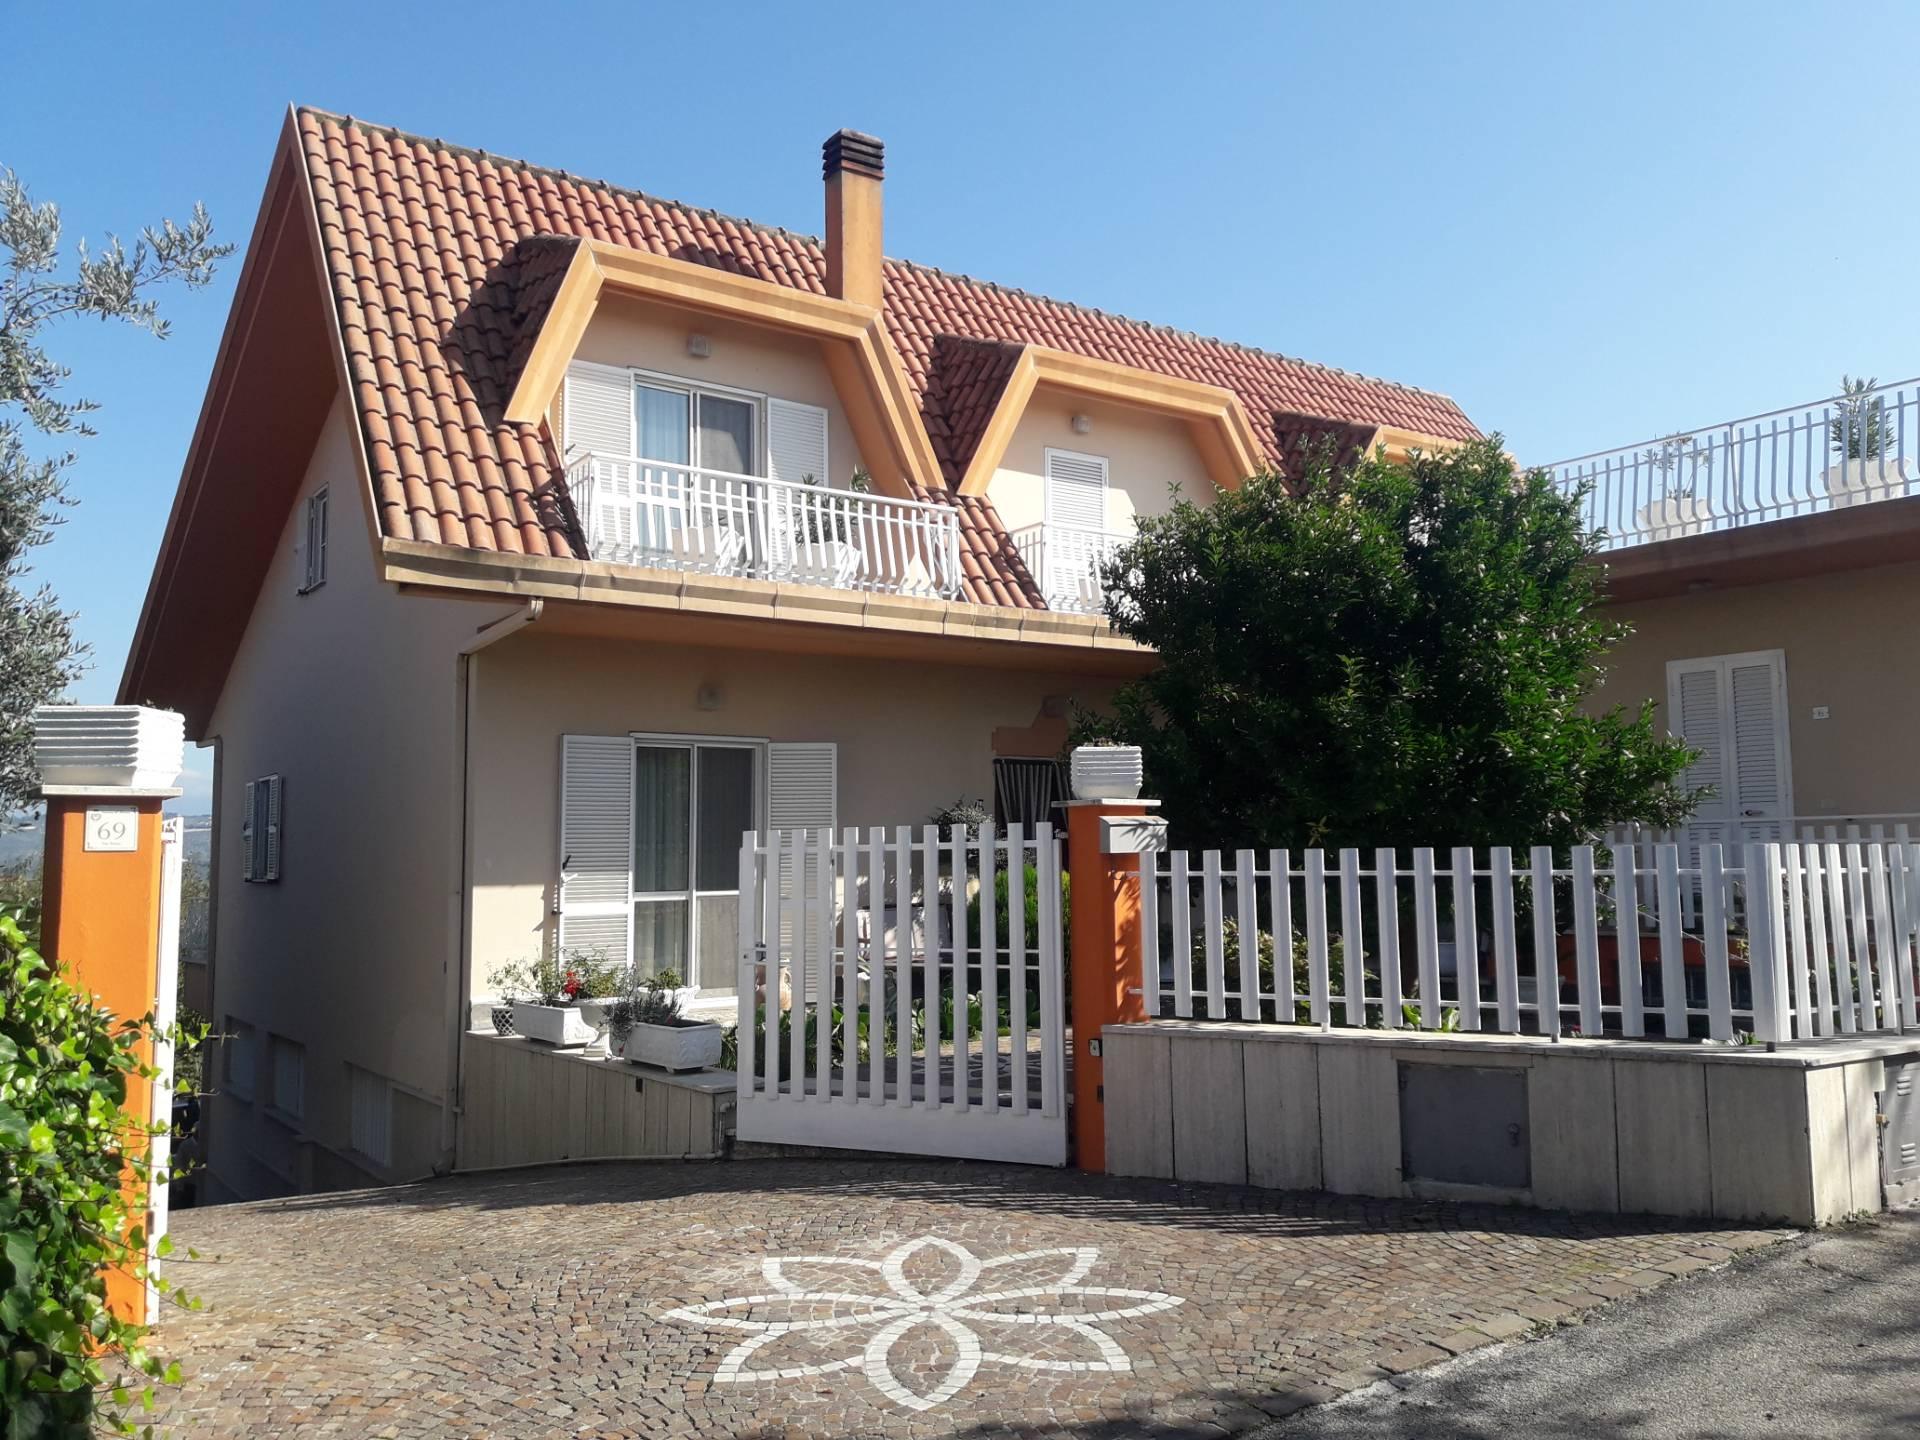 Villa in vendita a Torrice, 20 locali, prezzo € 280.000 | CambioCasa.it